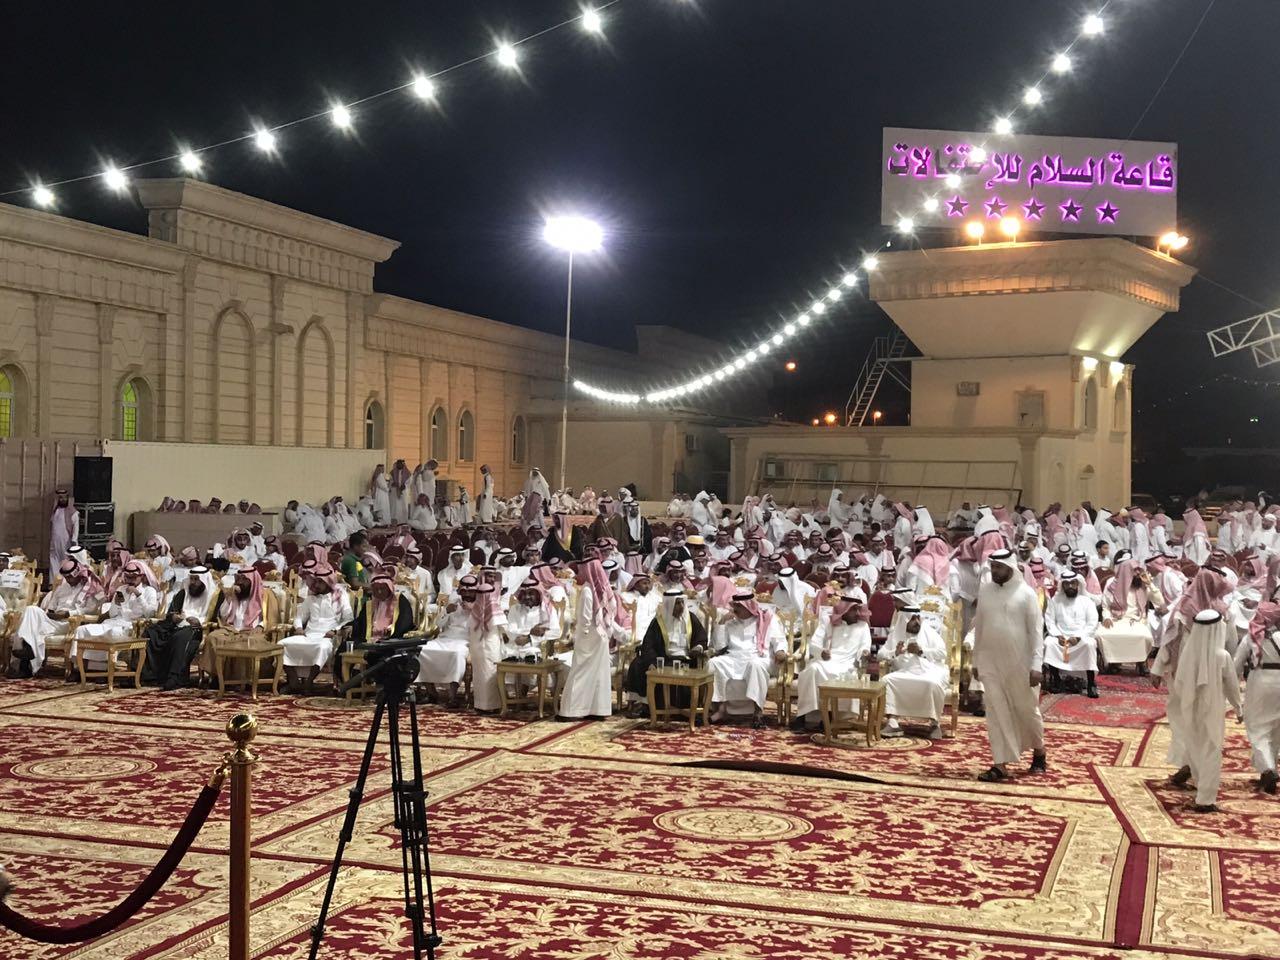 حفل زواج قبيلة الحنشة